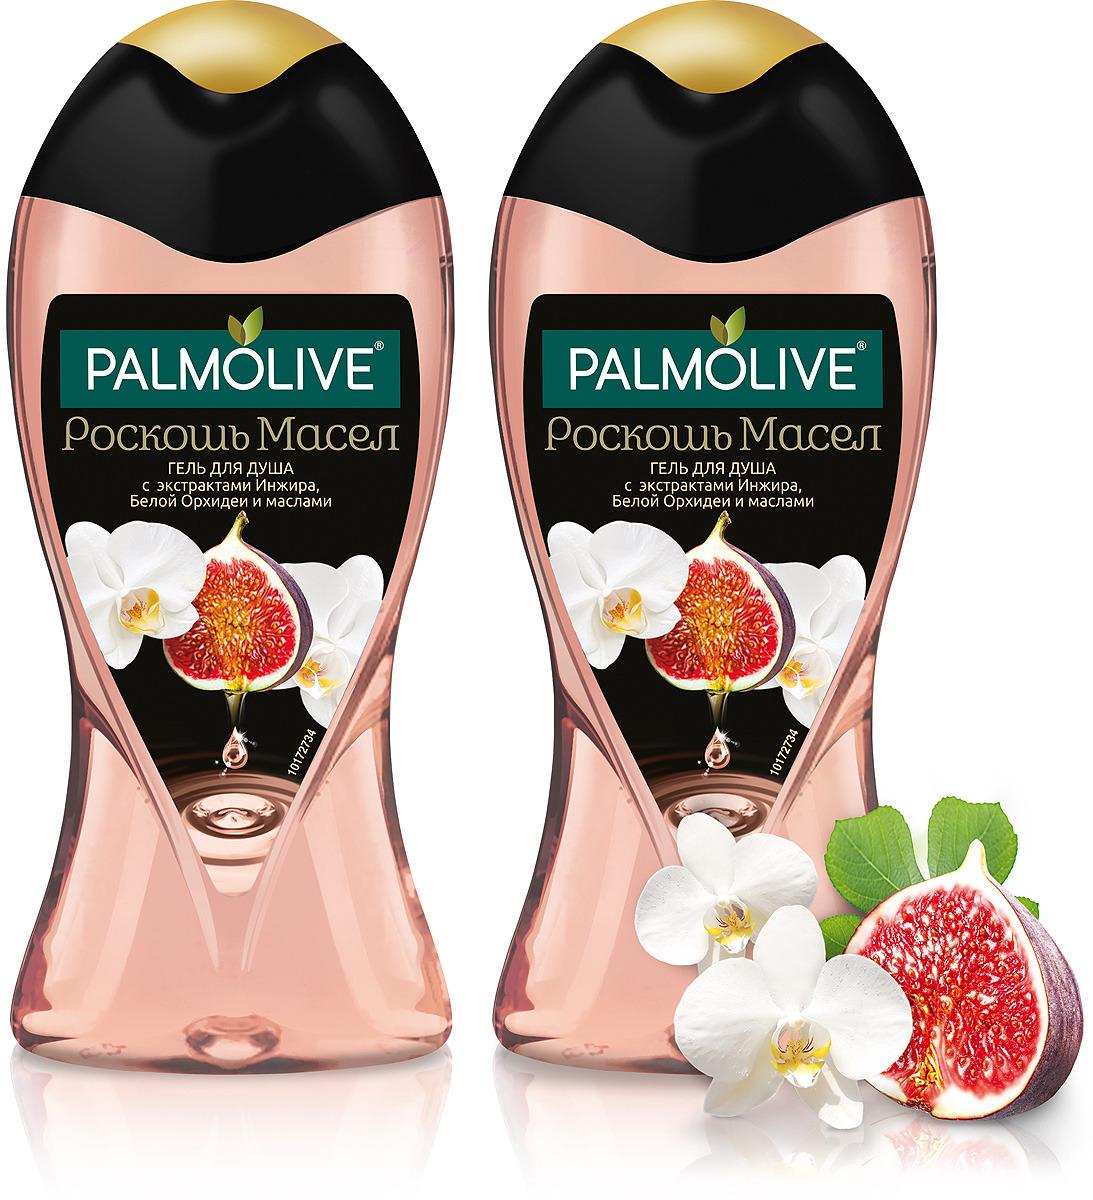 Гель для душа Palmolive Роскошь масел, с экстрактами инжира, белой орхидеи и маслами, 250 мл, 2 шт подарочный набор для женщин palmolive роскошь масел с маслом макадамии